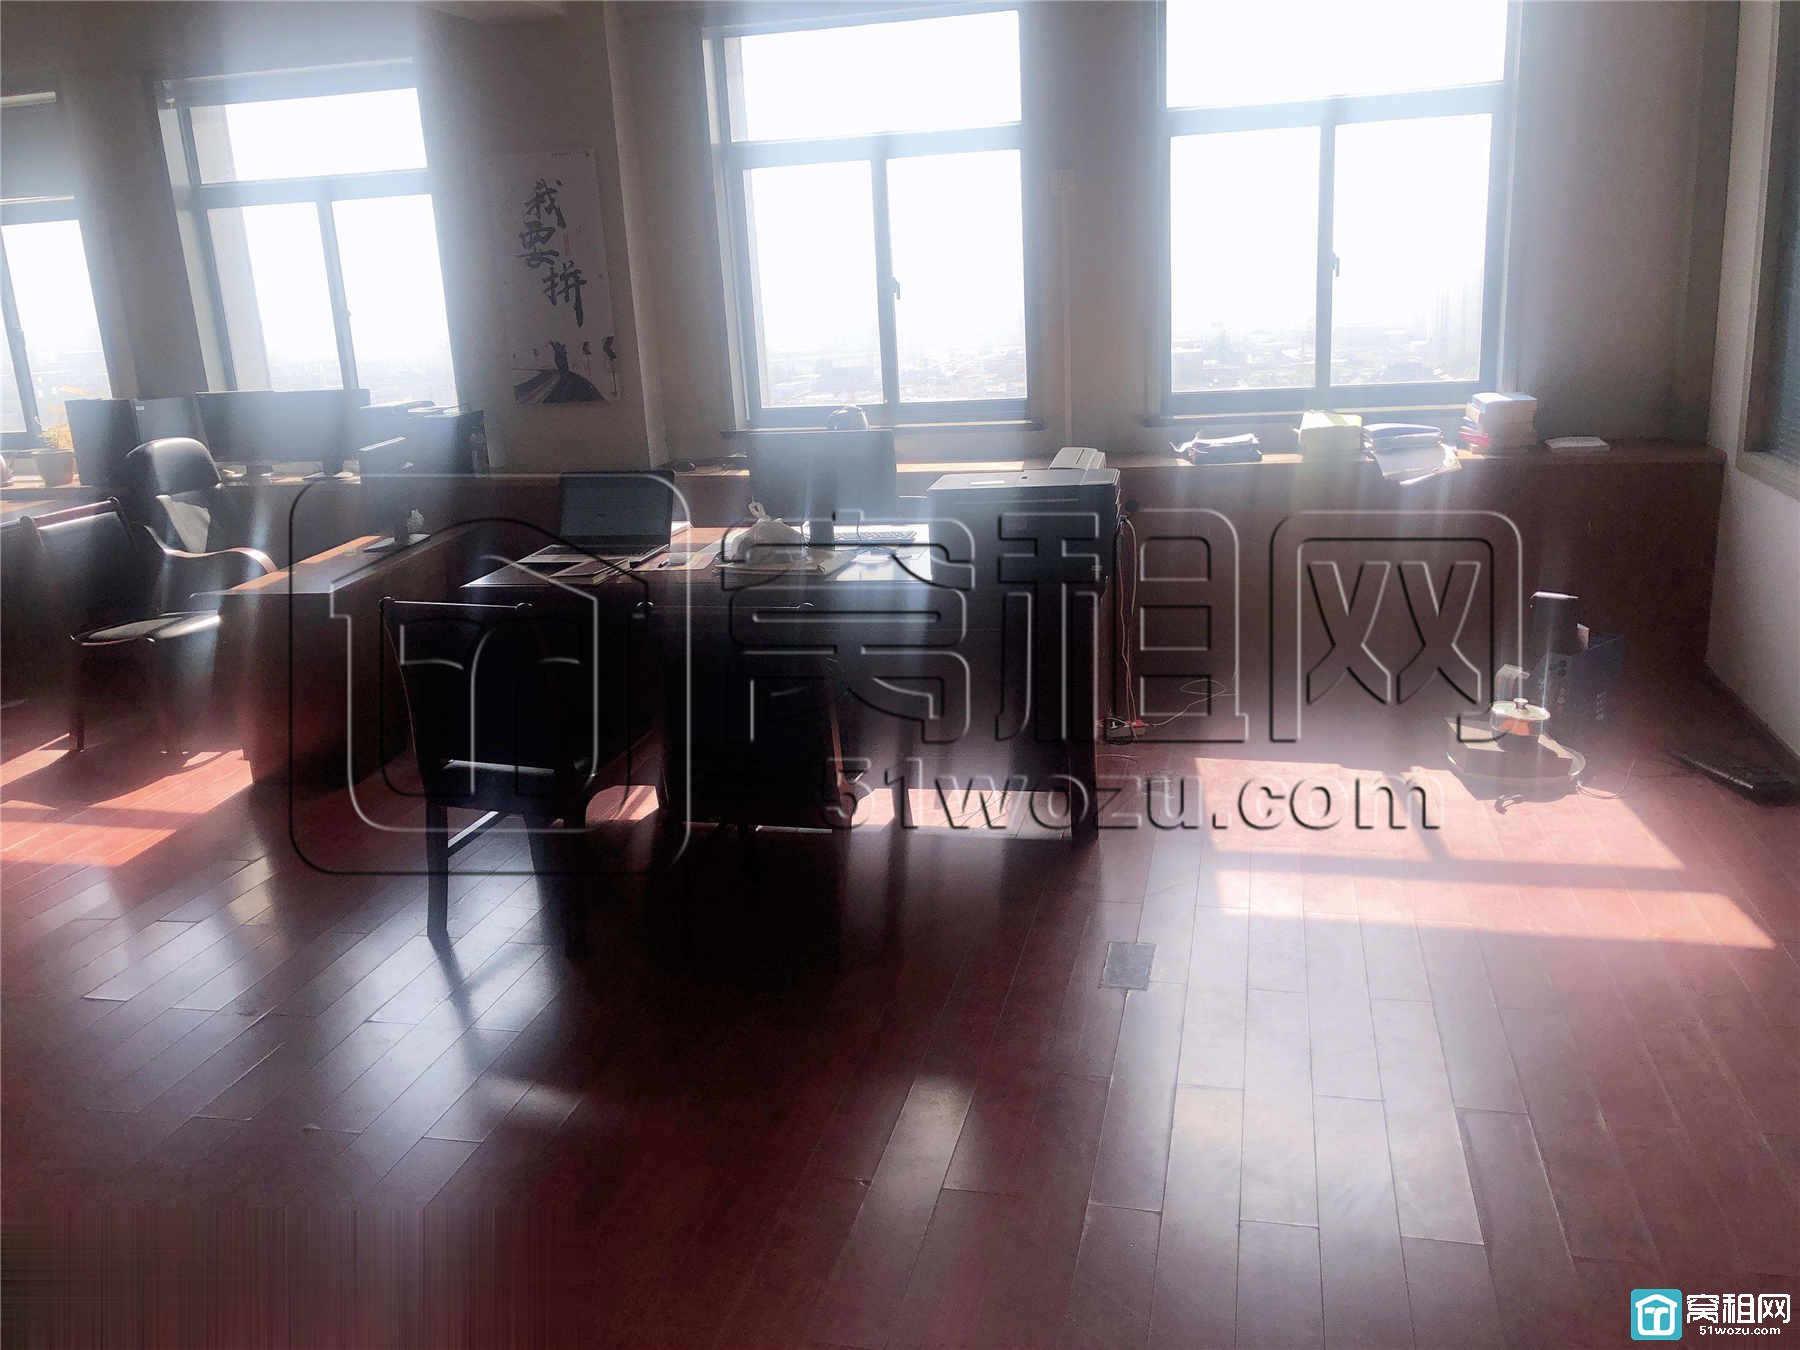 宁波客运中心附近晶崴大厦220平米朝南写字楼精装修出租